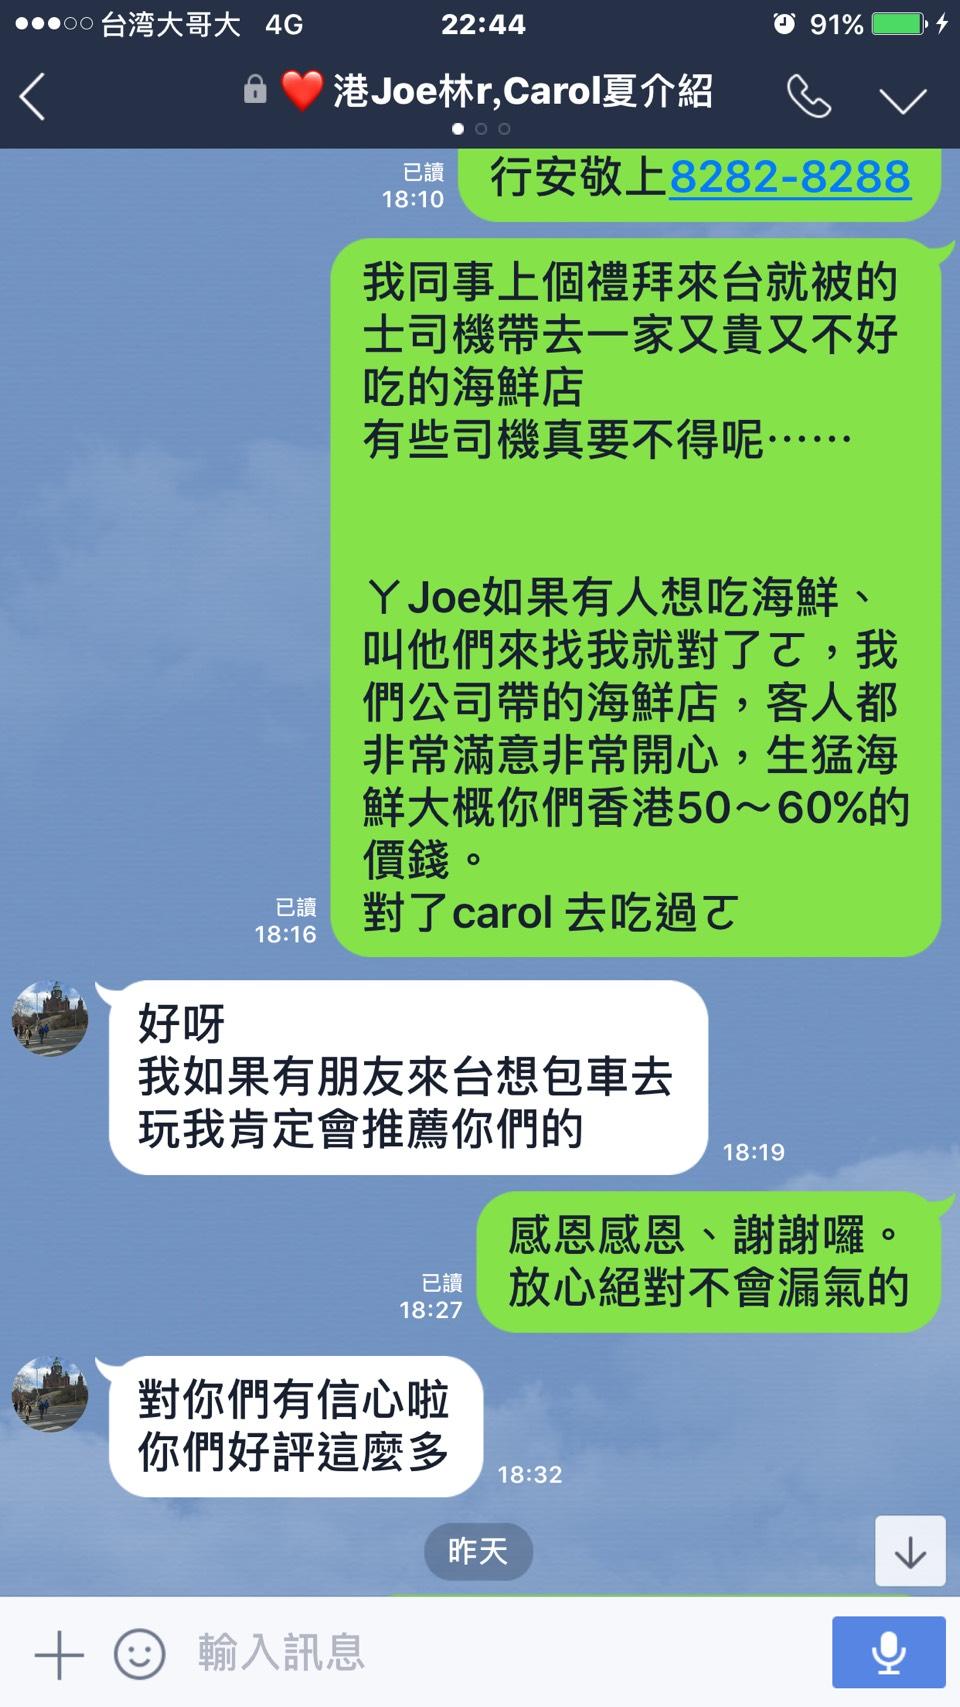 旅遊包車推薦 (35).jpg